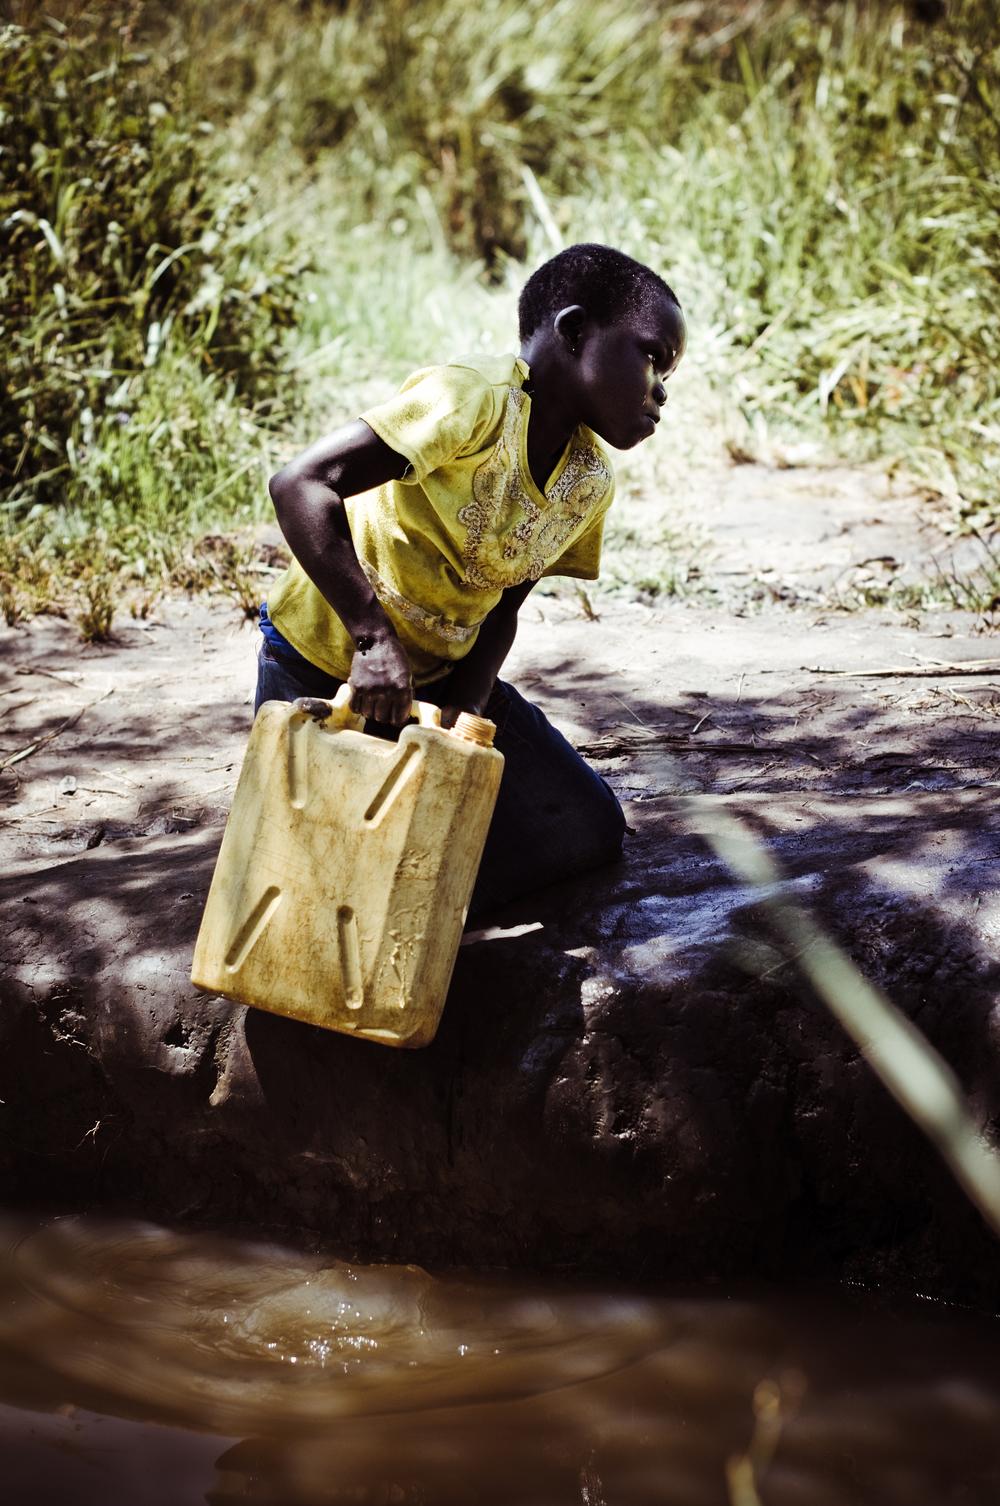 SE_Sudan_11012009_3_3471.jpg